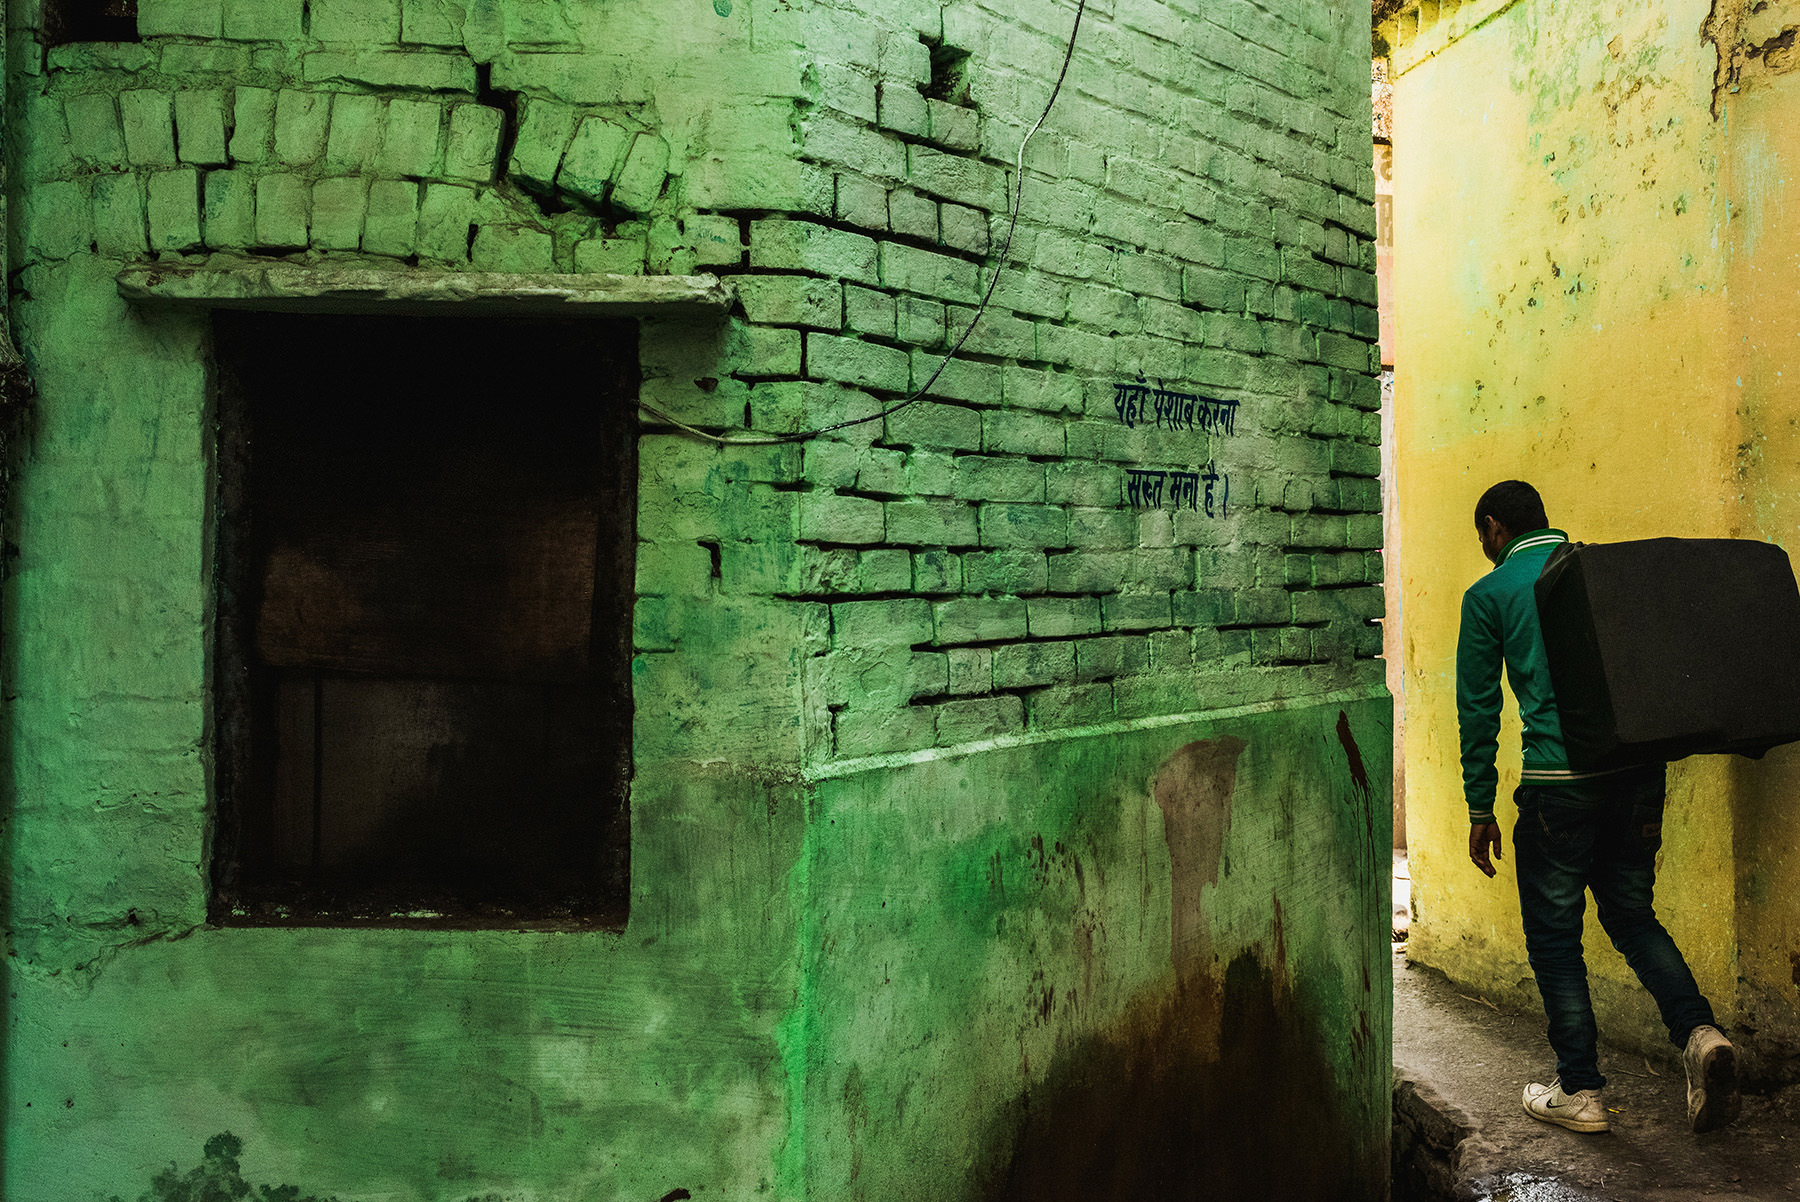 IndiaStreetPhotographer 1